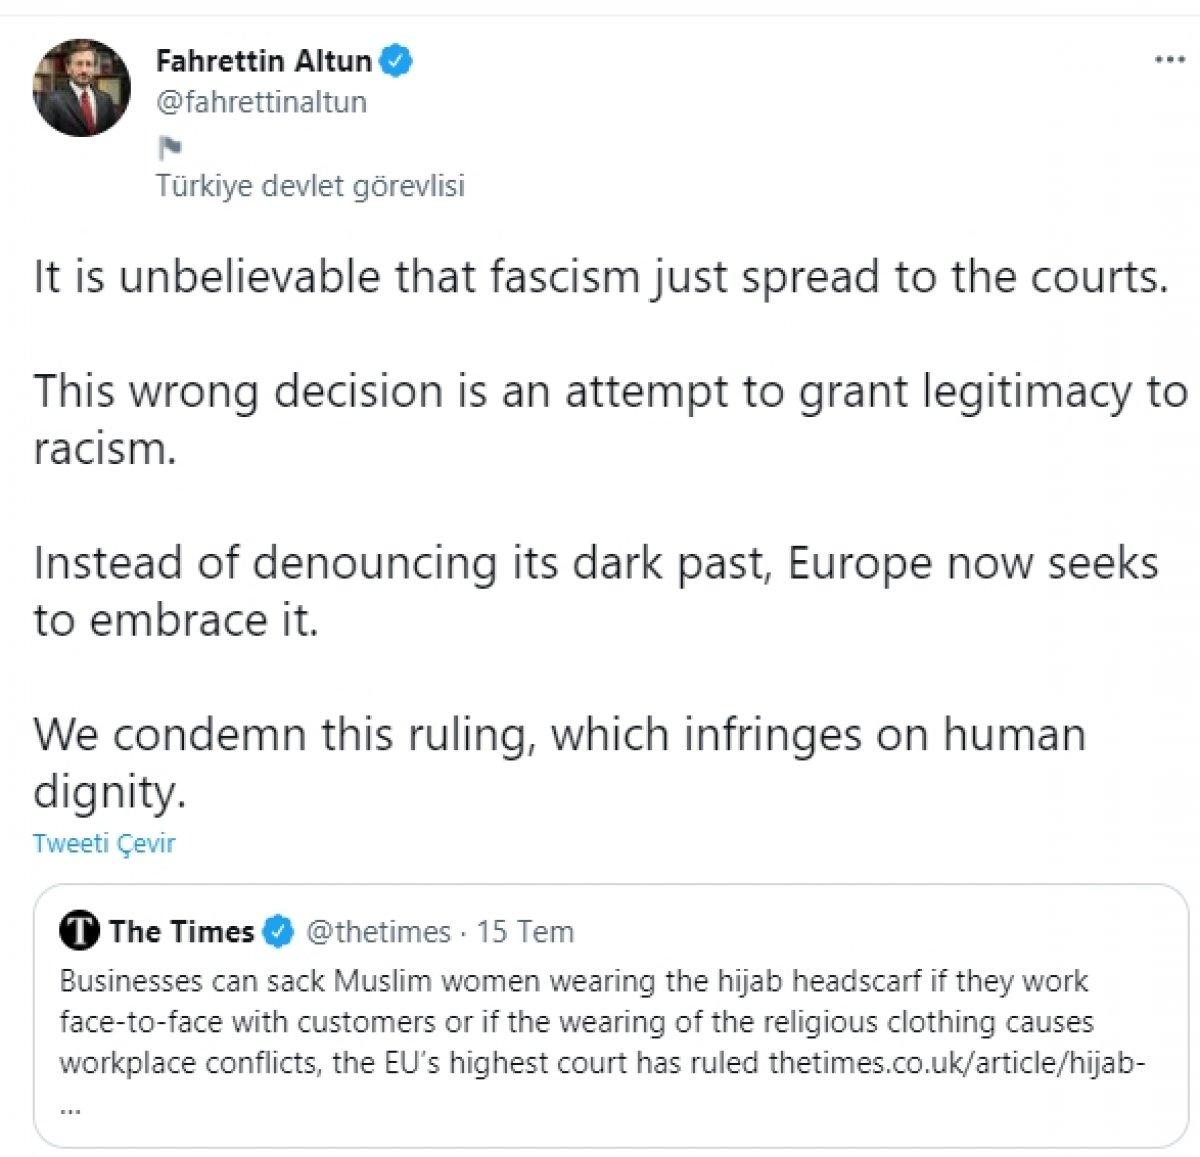 Fahrettin Altun: Faşizm mahkemelere sıçradı #1